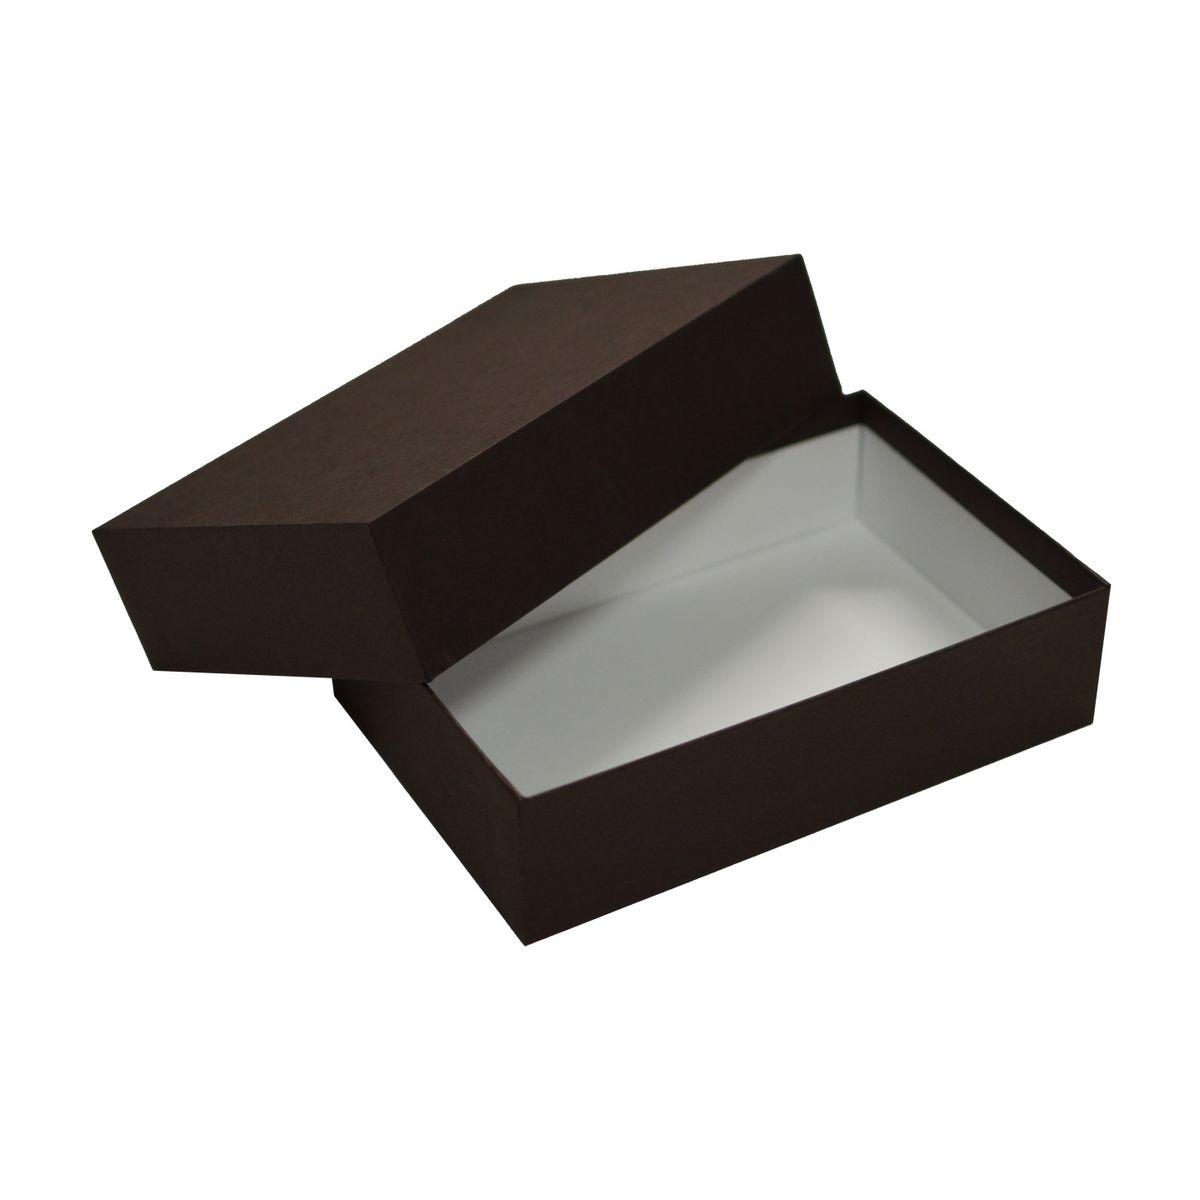 ラッピング用品 百貨店 梱包資材 ラッピング箱 梱包箱 ギフトボックス 手作り 材料 品質保証 34 ブラウン 01 36-88001-34 東京リボン ピタットボックス 取寄